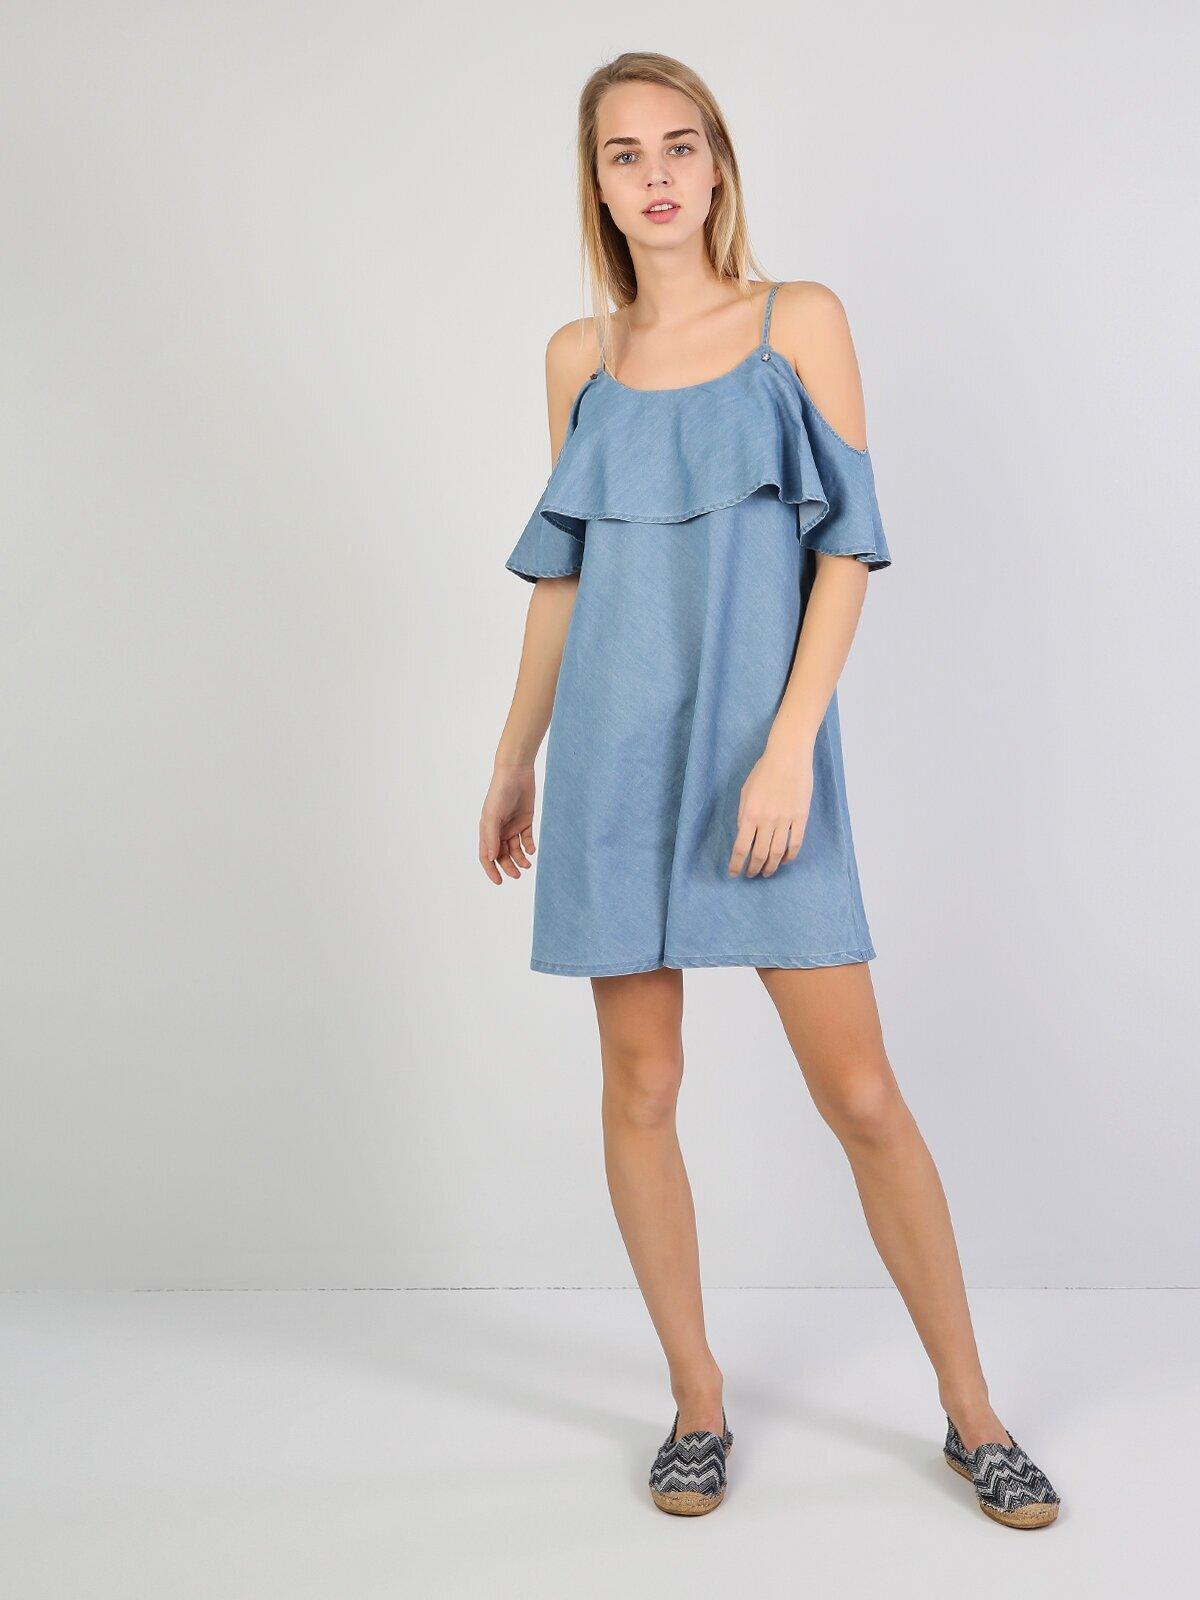 Показати інформацію про Сукня Жіноча Блакитна Cl1042937